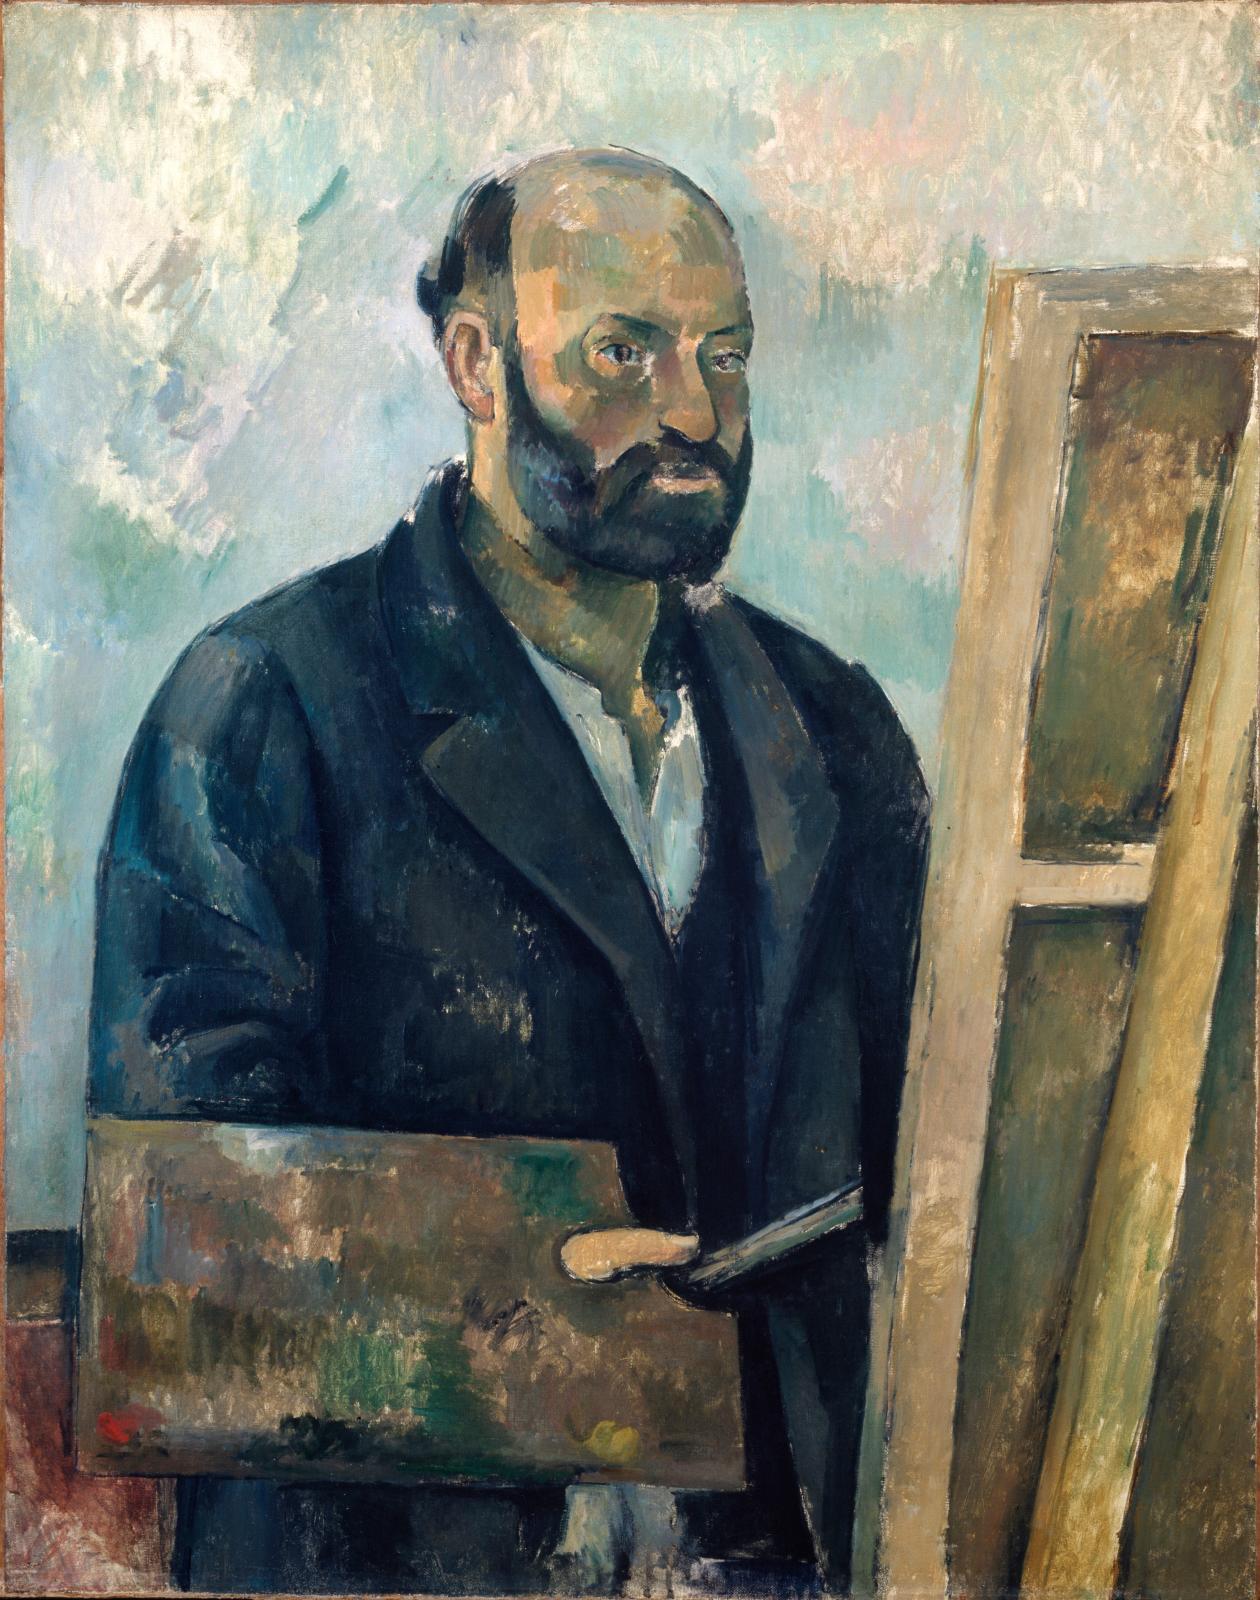 Paul Cézanne, Portrait de l'artiste à la palette, vers 1890, huile sur toile, 92x73cm. Collection Emil Bührle, Zurich.